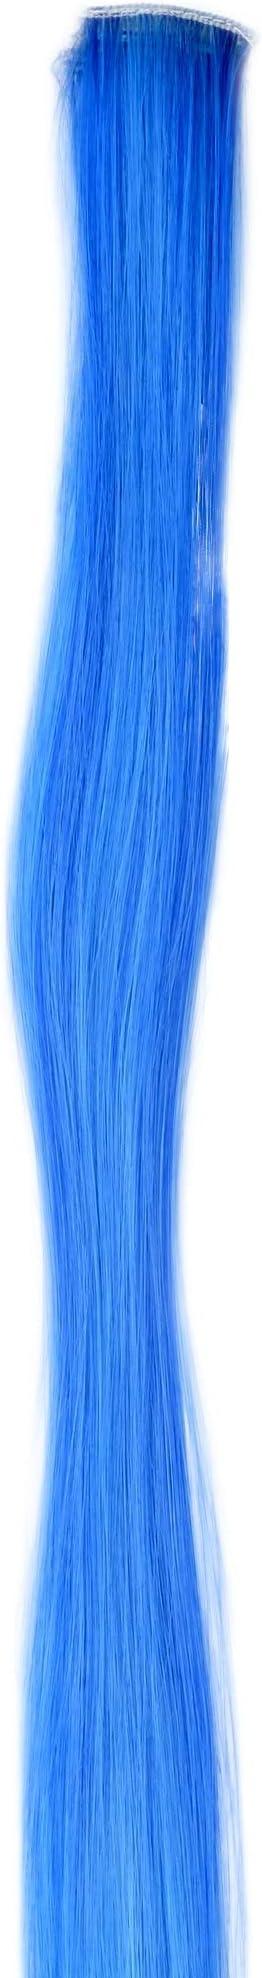 WIG ME UP- Extensión de pelo con 1 clip mechón liso mezcla de azul y azul claro 45 cm / 18 inch YZF-P1S18-TF2517TTF2513B